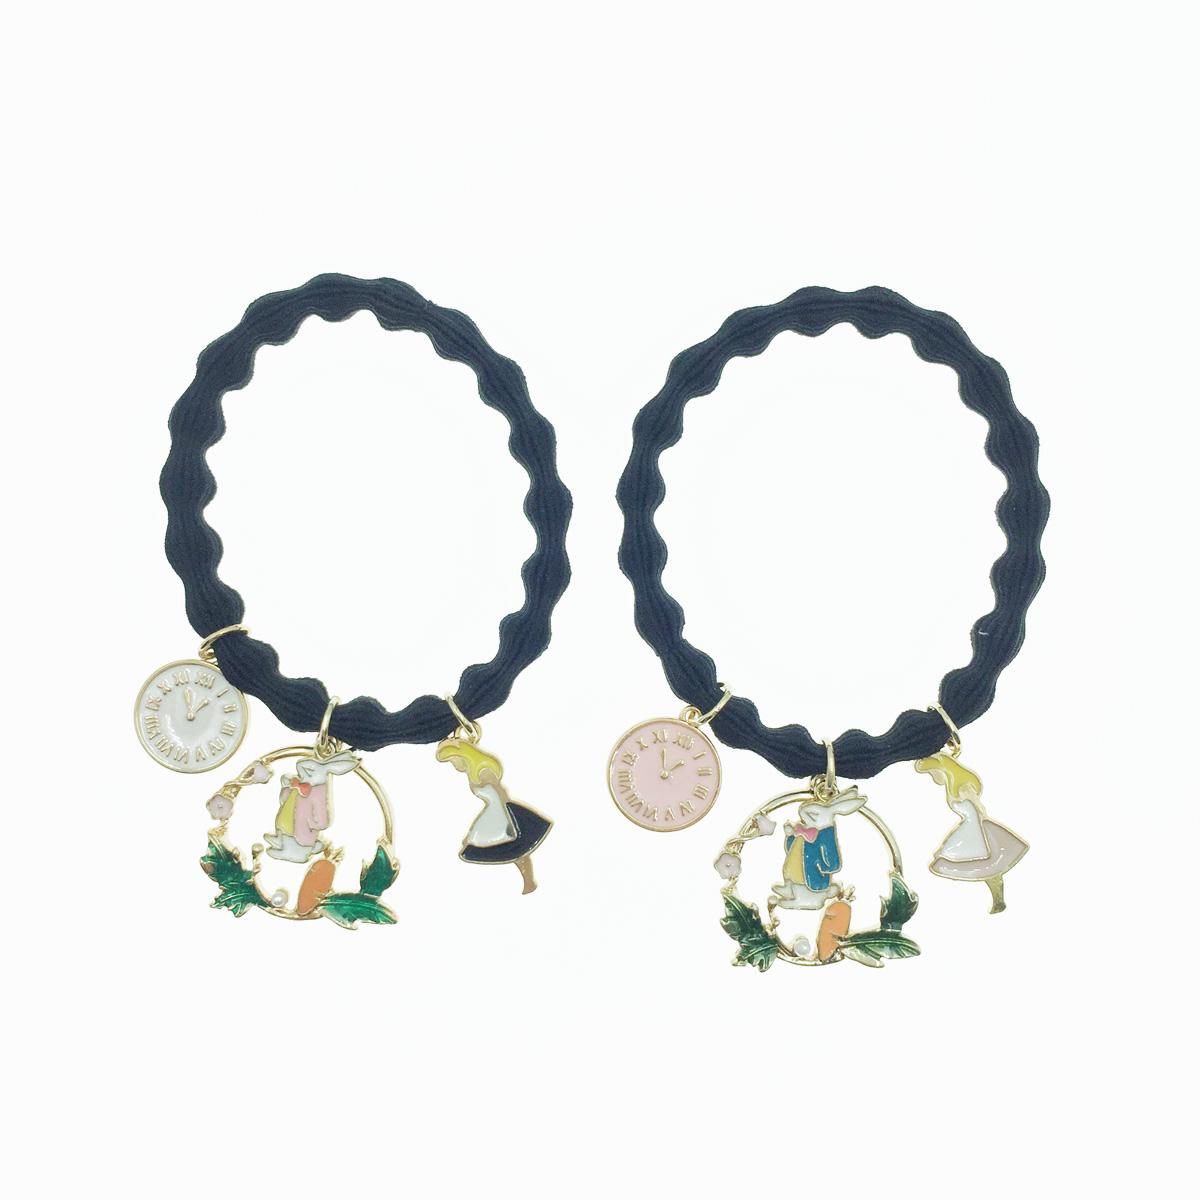 韓國 童話愛麗絲造型 時鐘 兔子 花圈 可愛繽紛 珍珠髮束